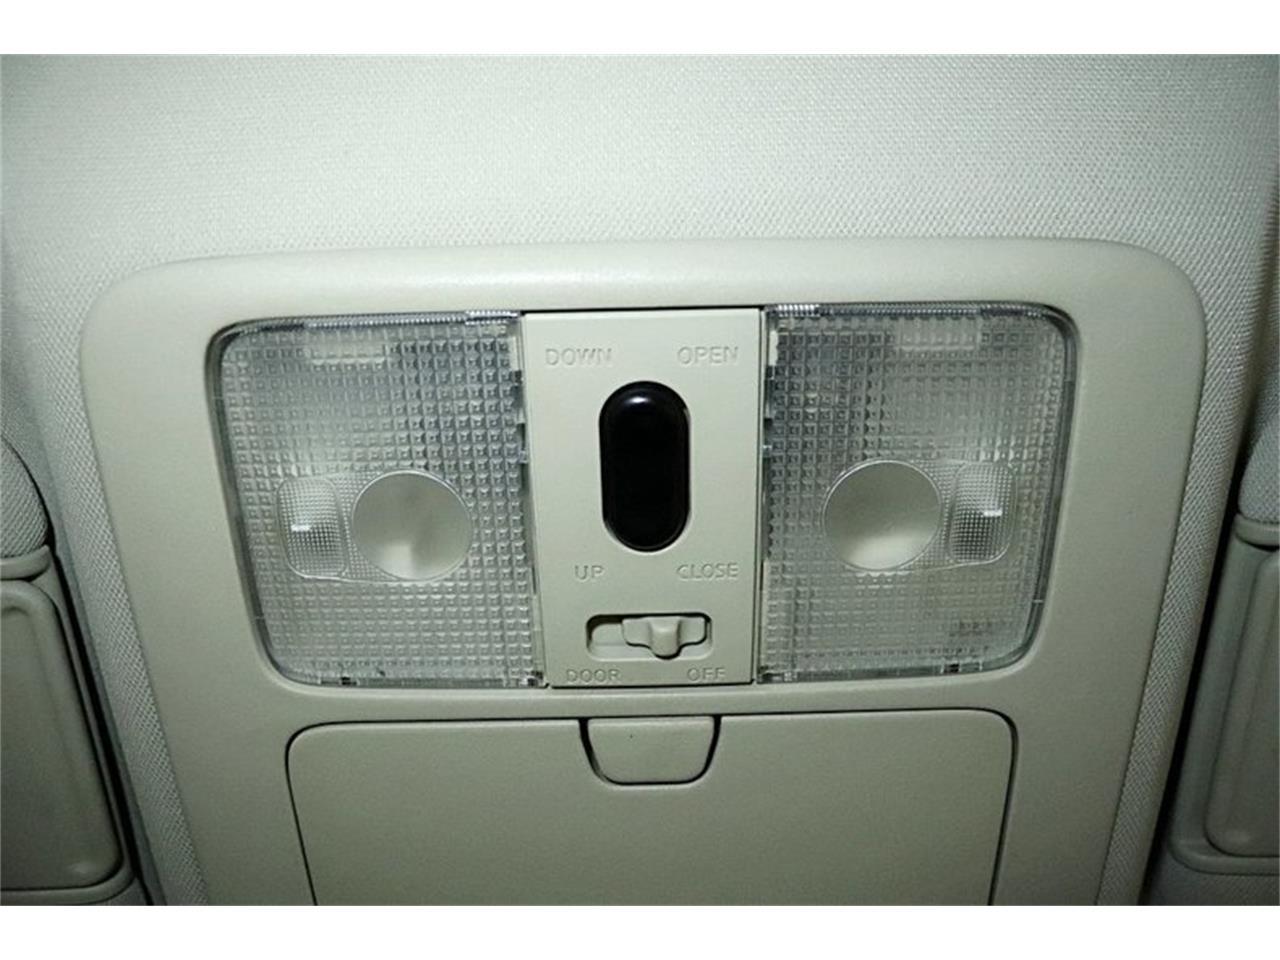 Large Picture of 2008 Infiniti FX35 located in Michigan - $7,900.00 - PY0U